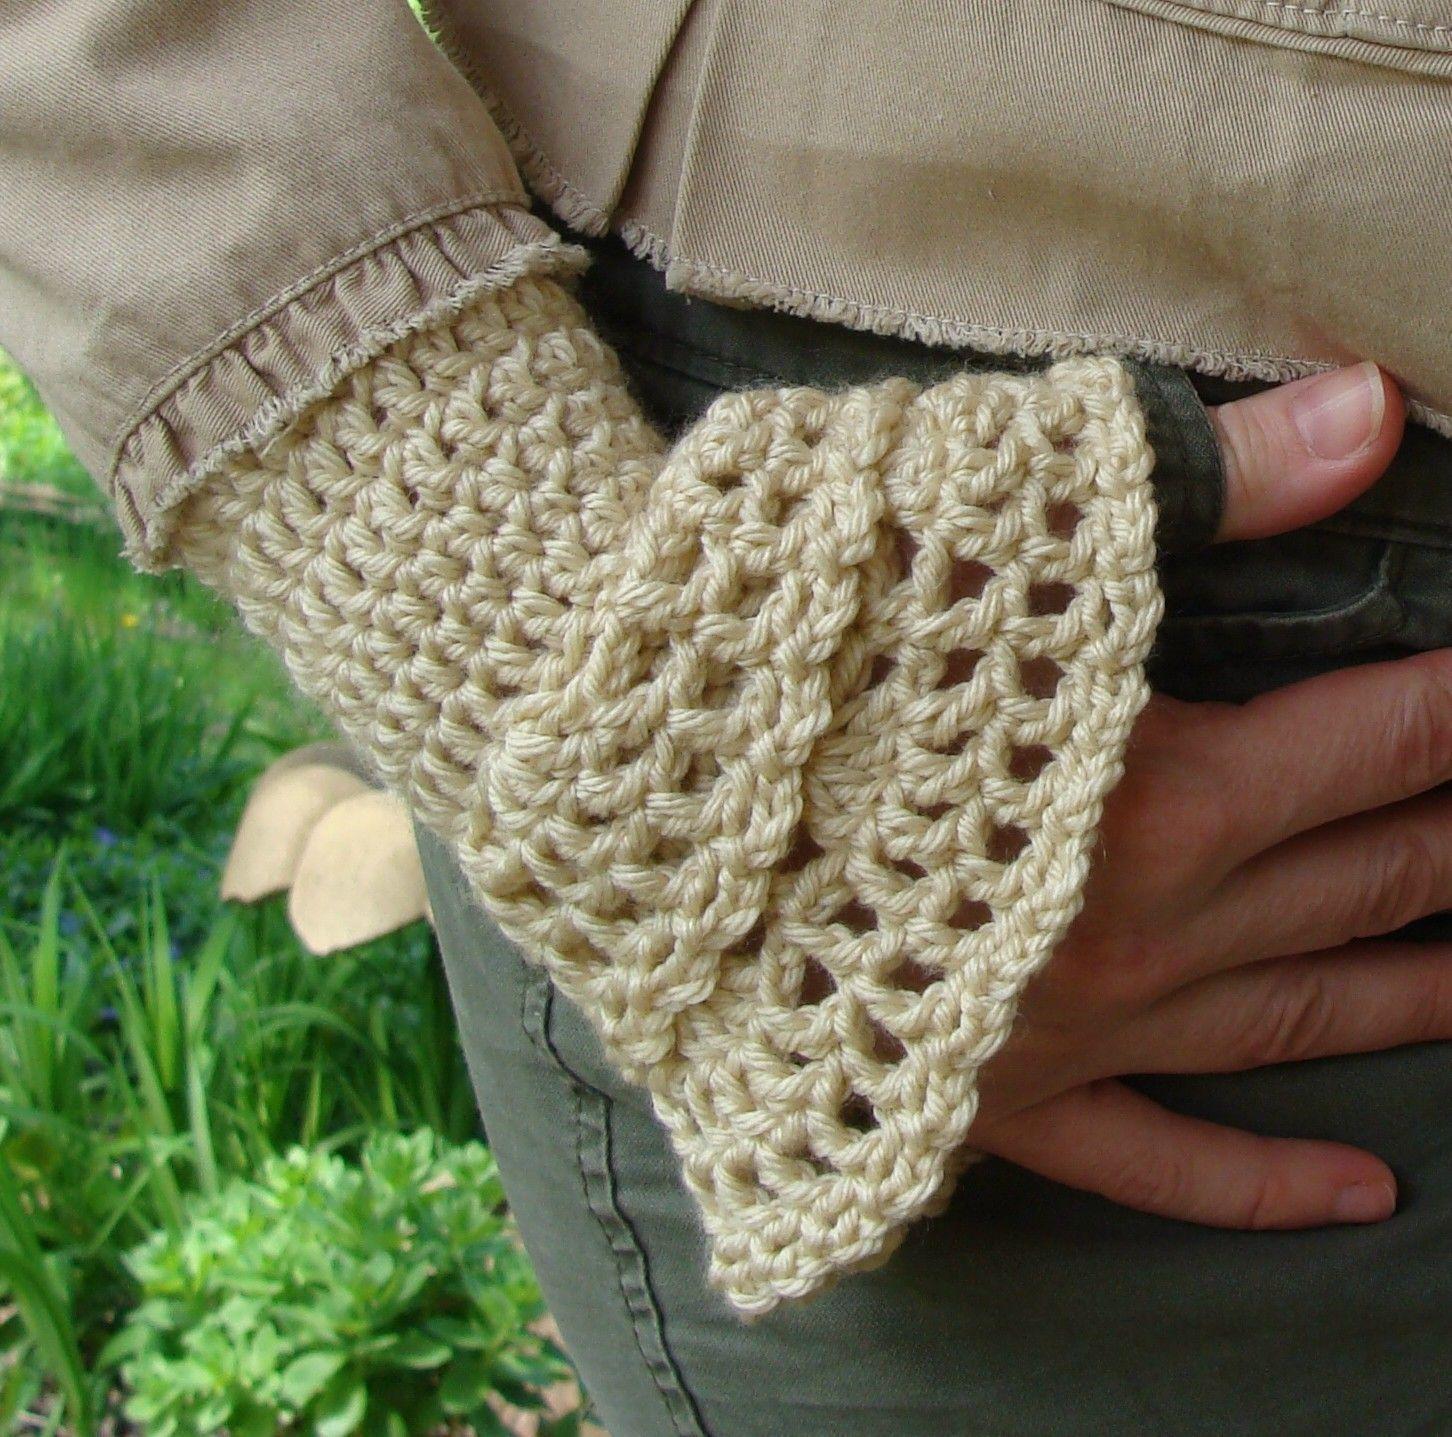 Wrist Warmers | Háčkování (Crochet) | Pinterest | Wrist warmers ...